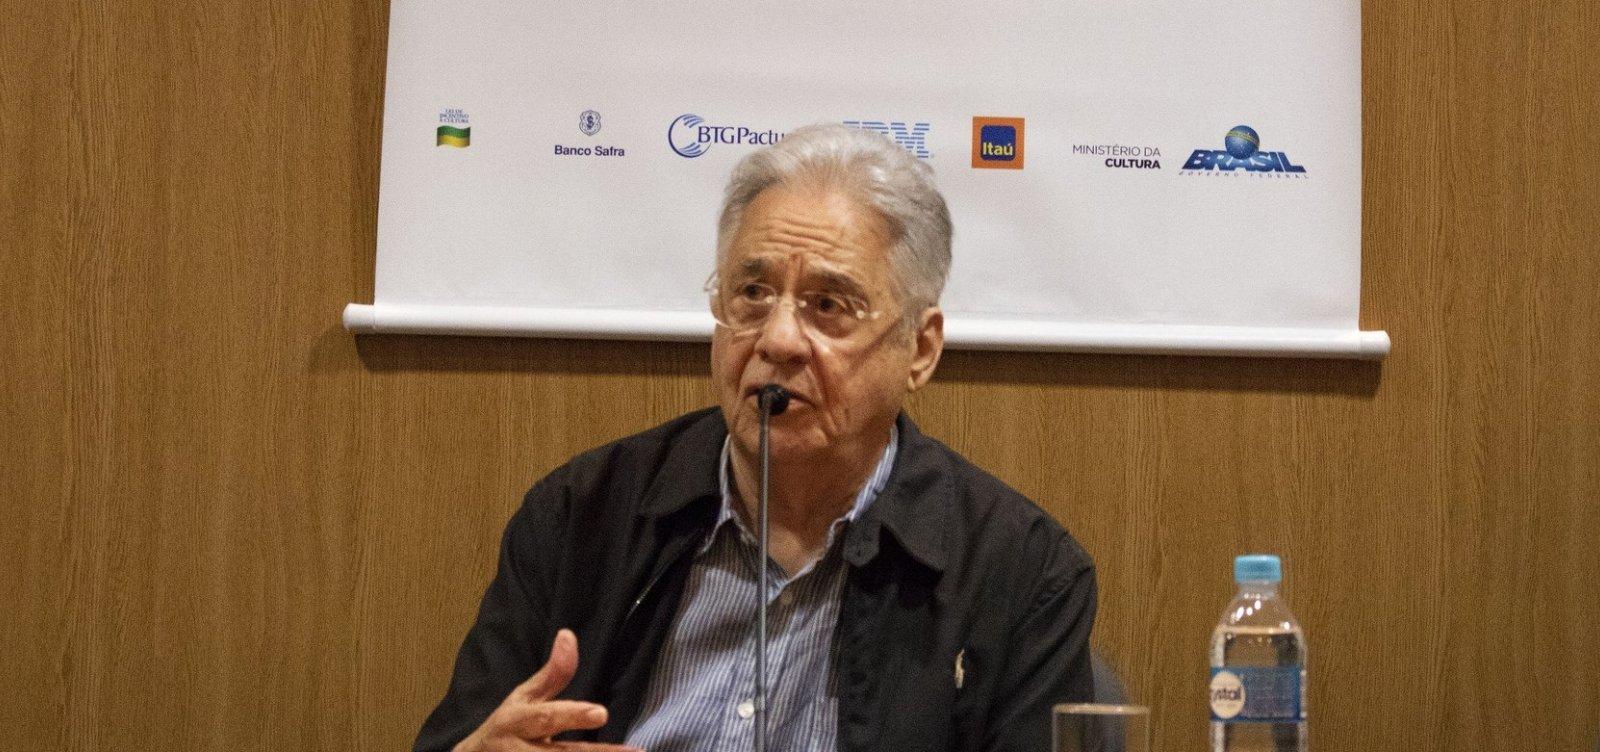 Fernando Henrique diz Bolsonaro vai prejudicar imagem do Brasil no exterior